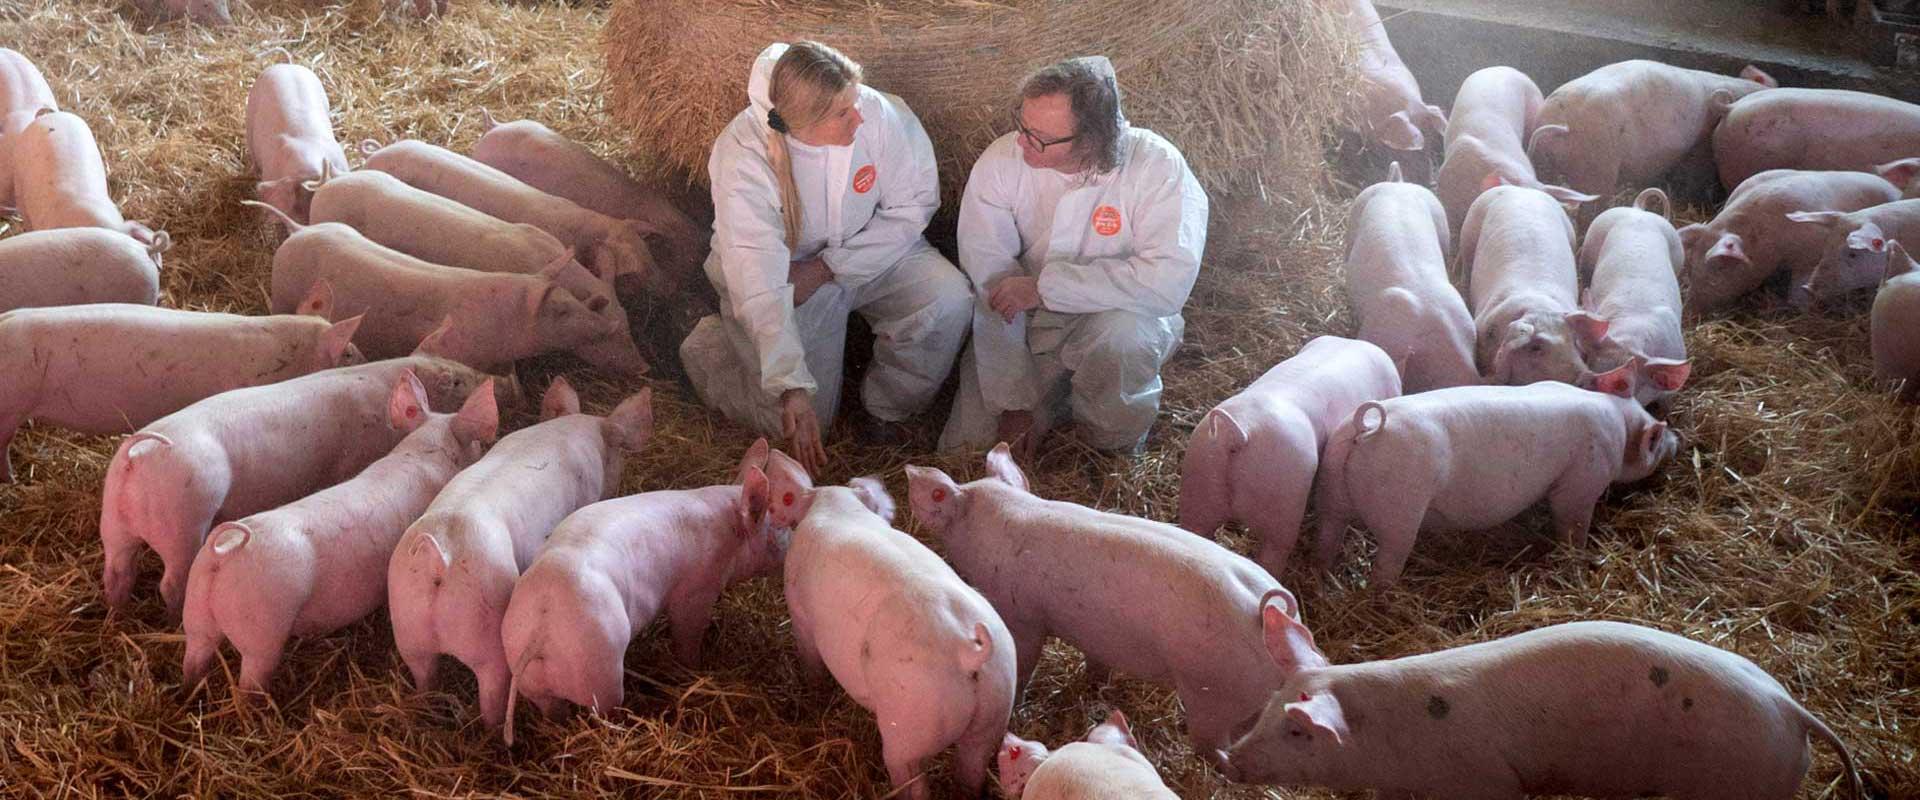 Schweine im Stall auf Stroh mit Metzger